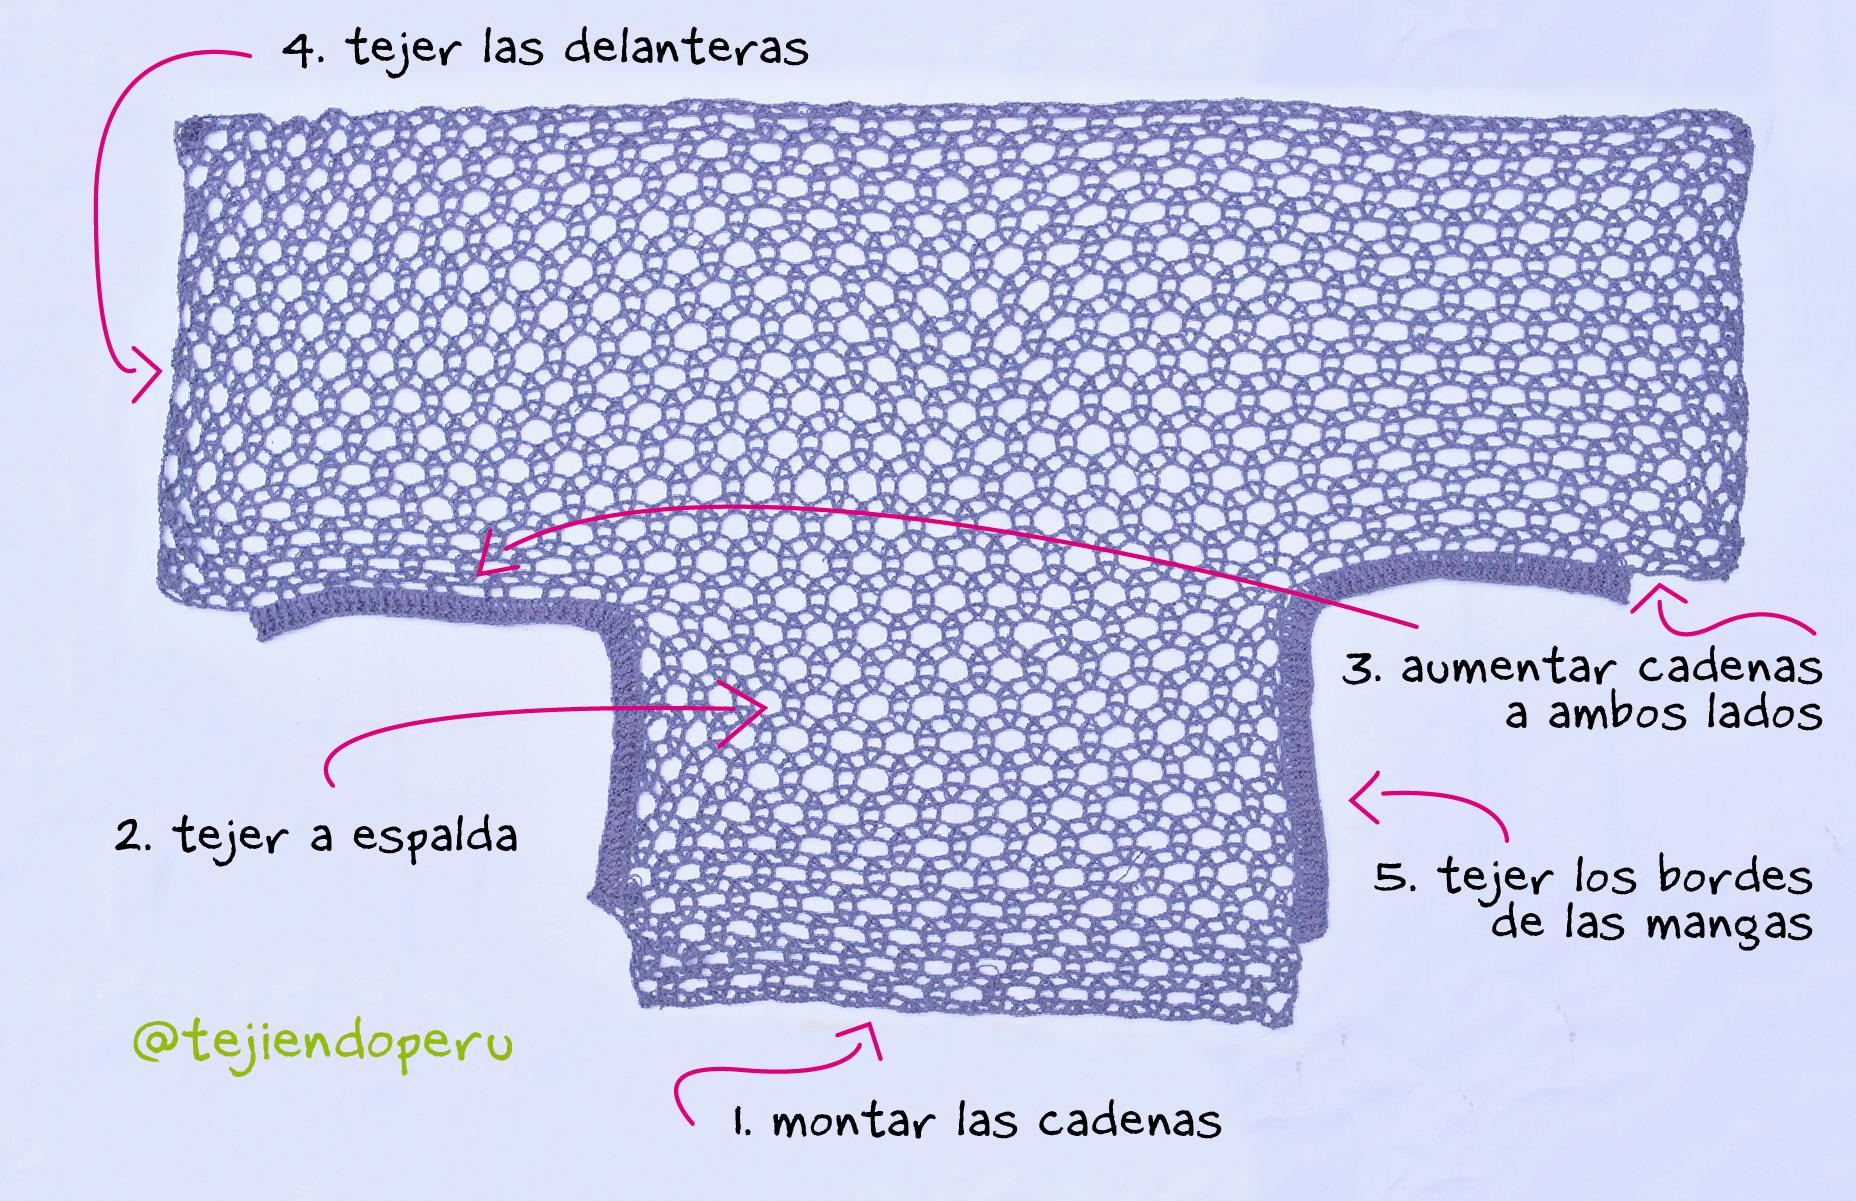 Poncho con mangas en tejido recto a crochet  Tejiendo Per